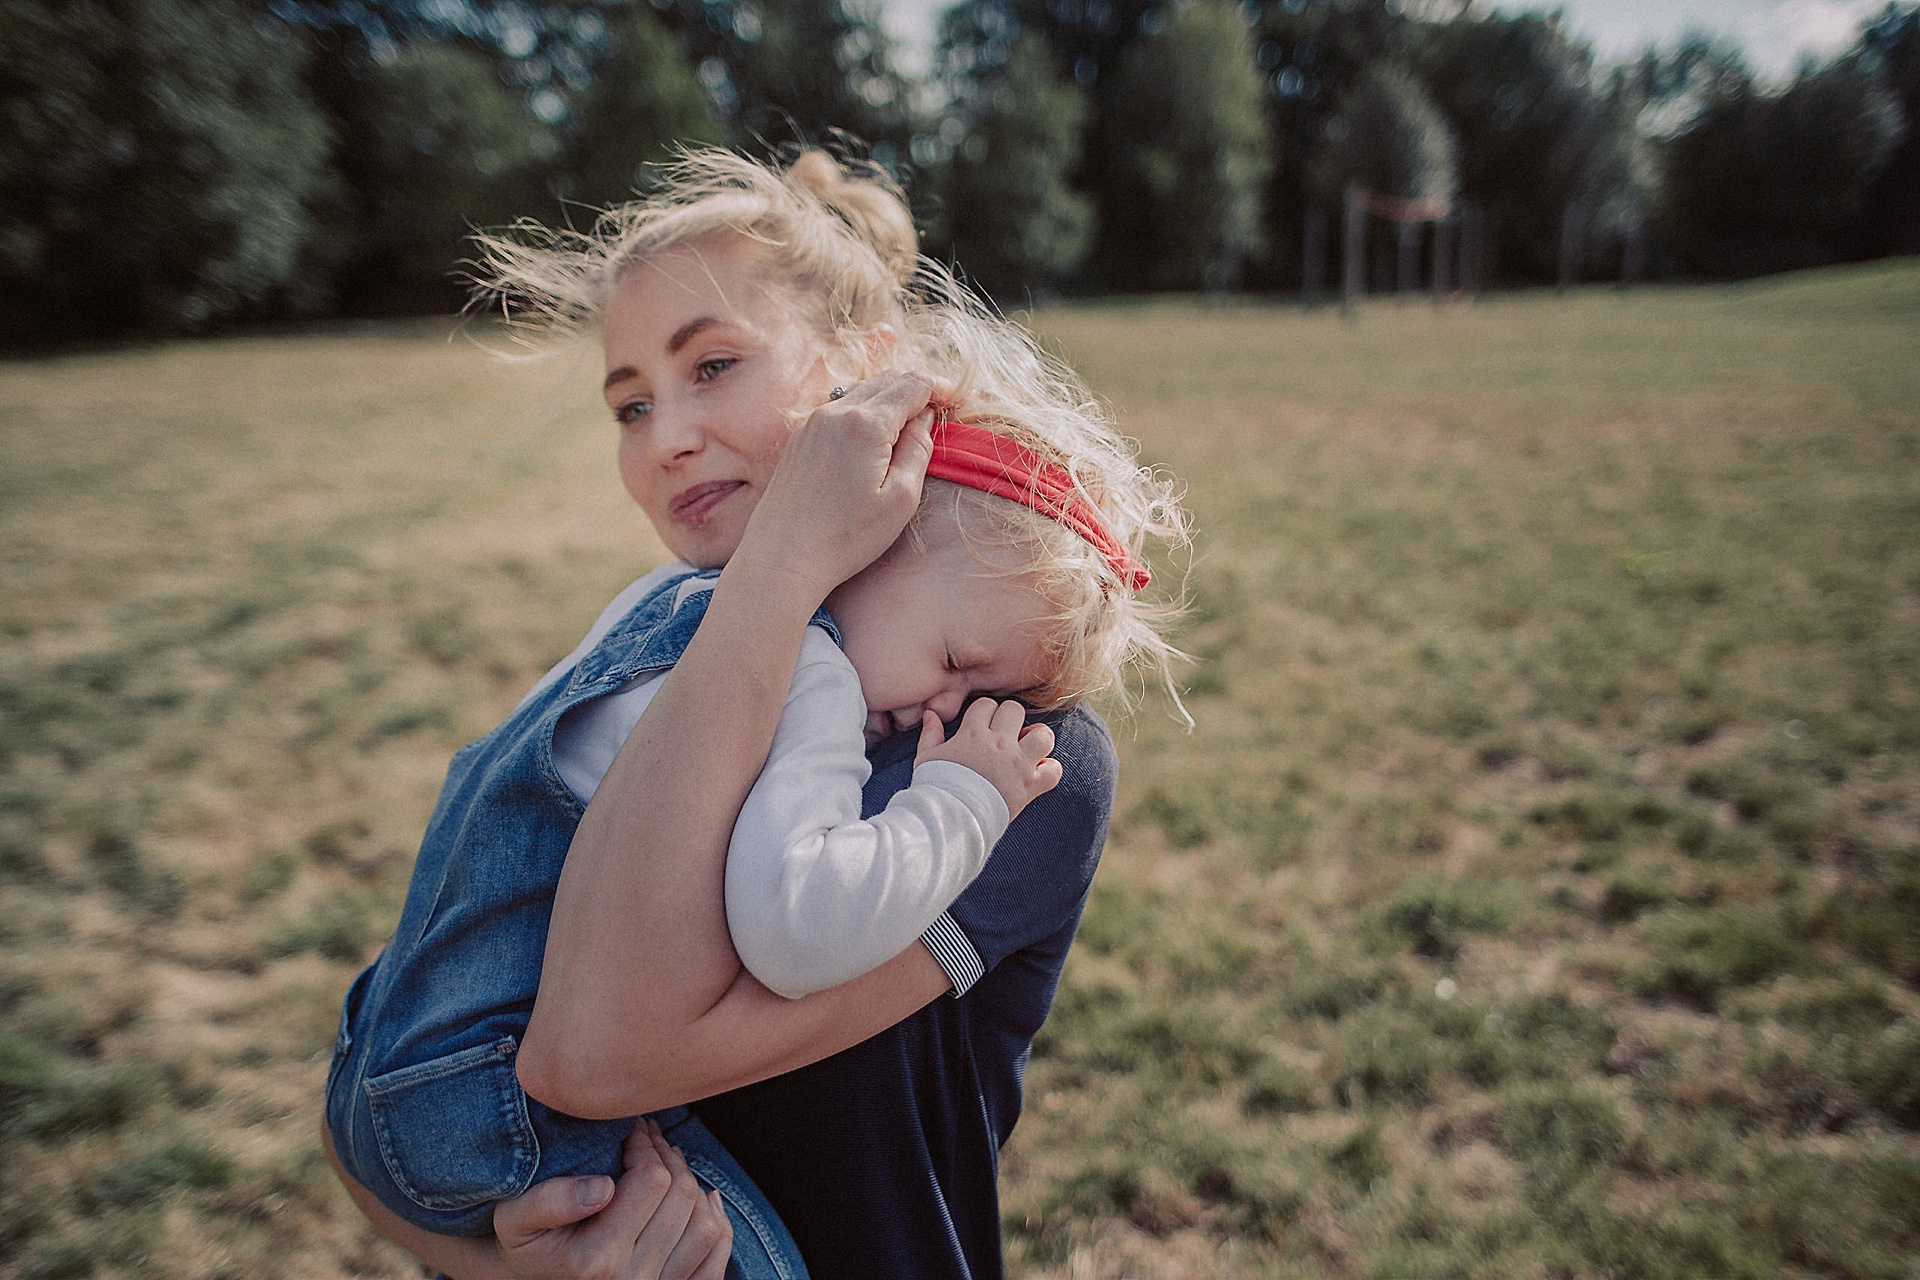 familienfotograf-familien-reportage-bremen-danielzube-familienfotografie_0023.jpg